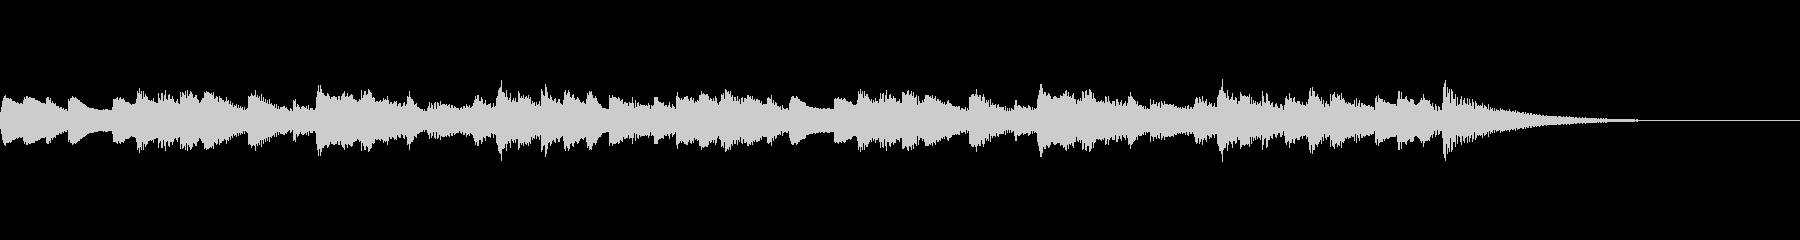 アコギとビブラフォンによるジングルの未再生の波形